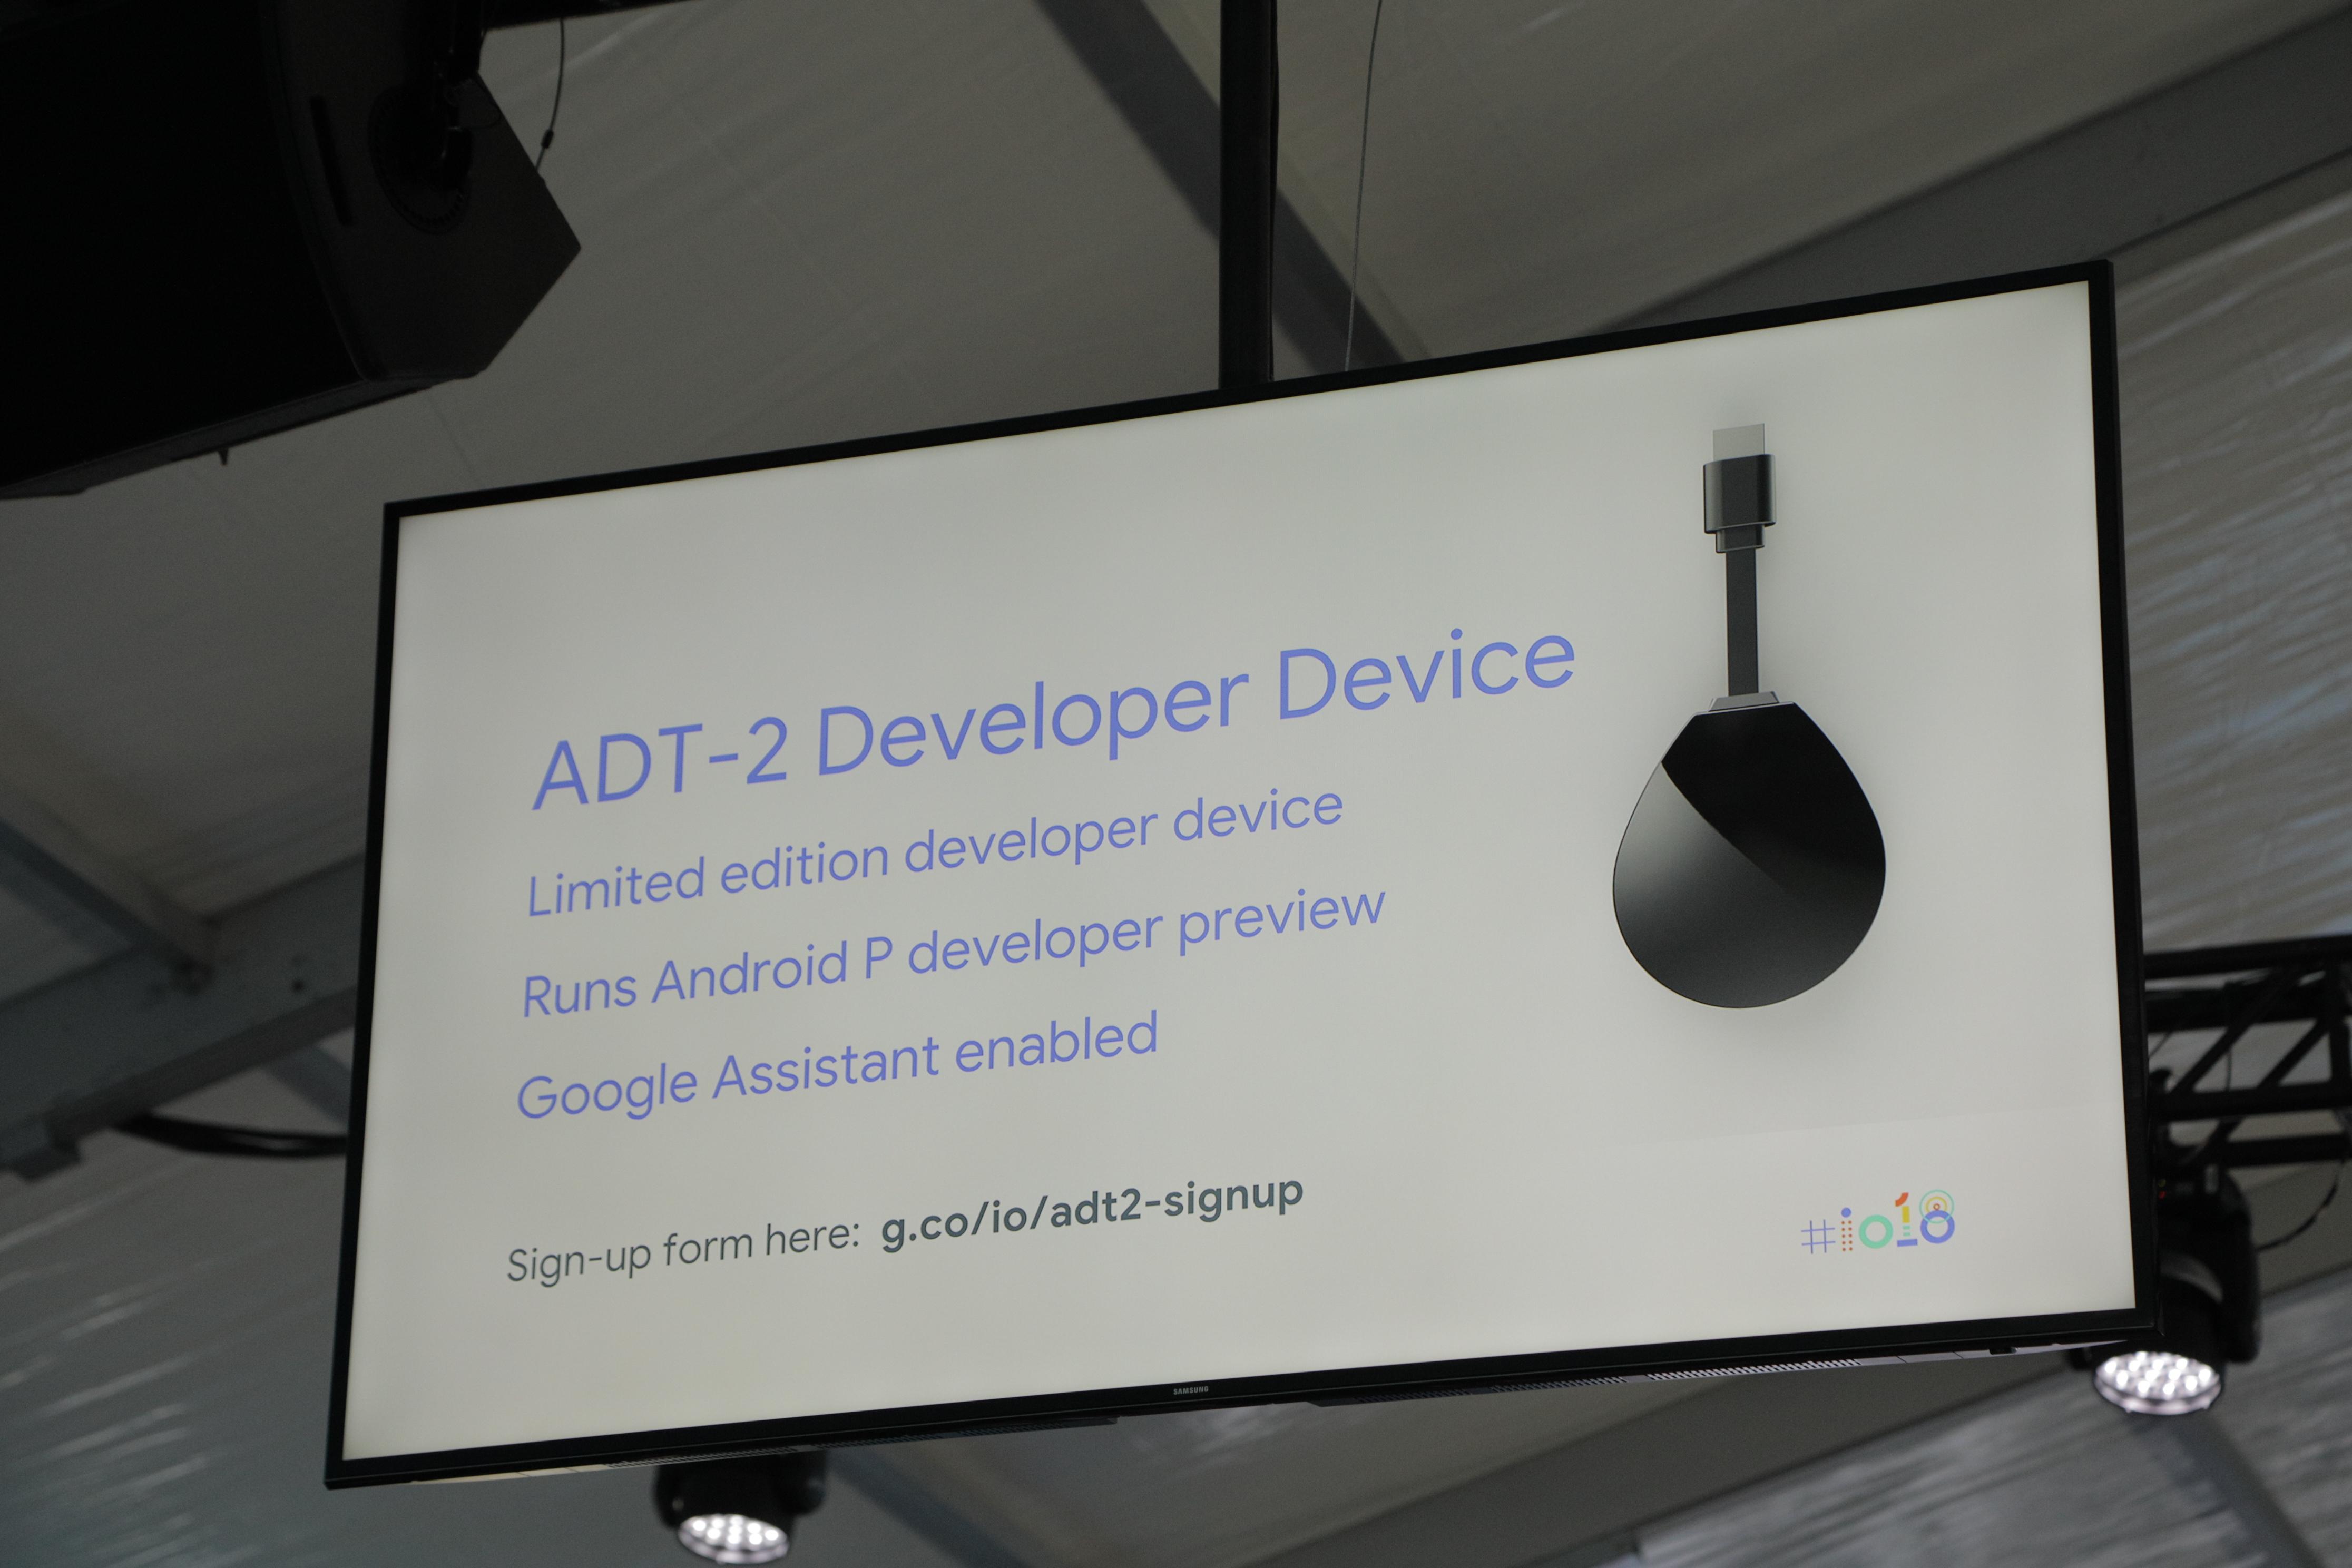 Magid: Google wants you to take a break